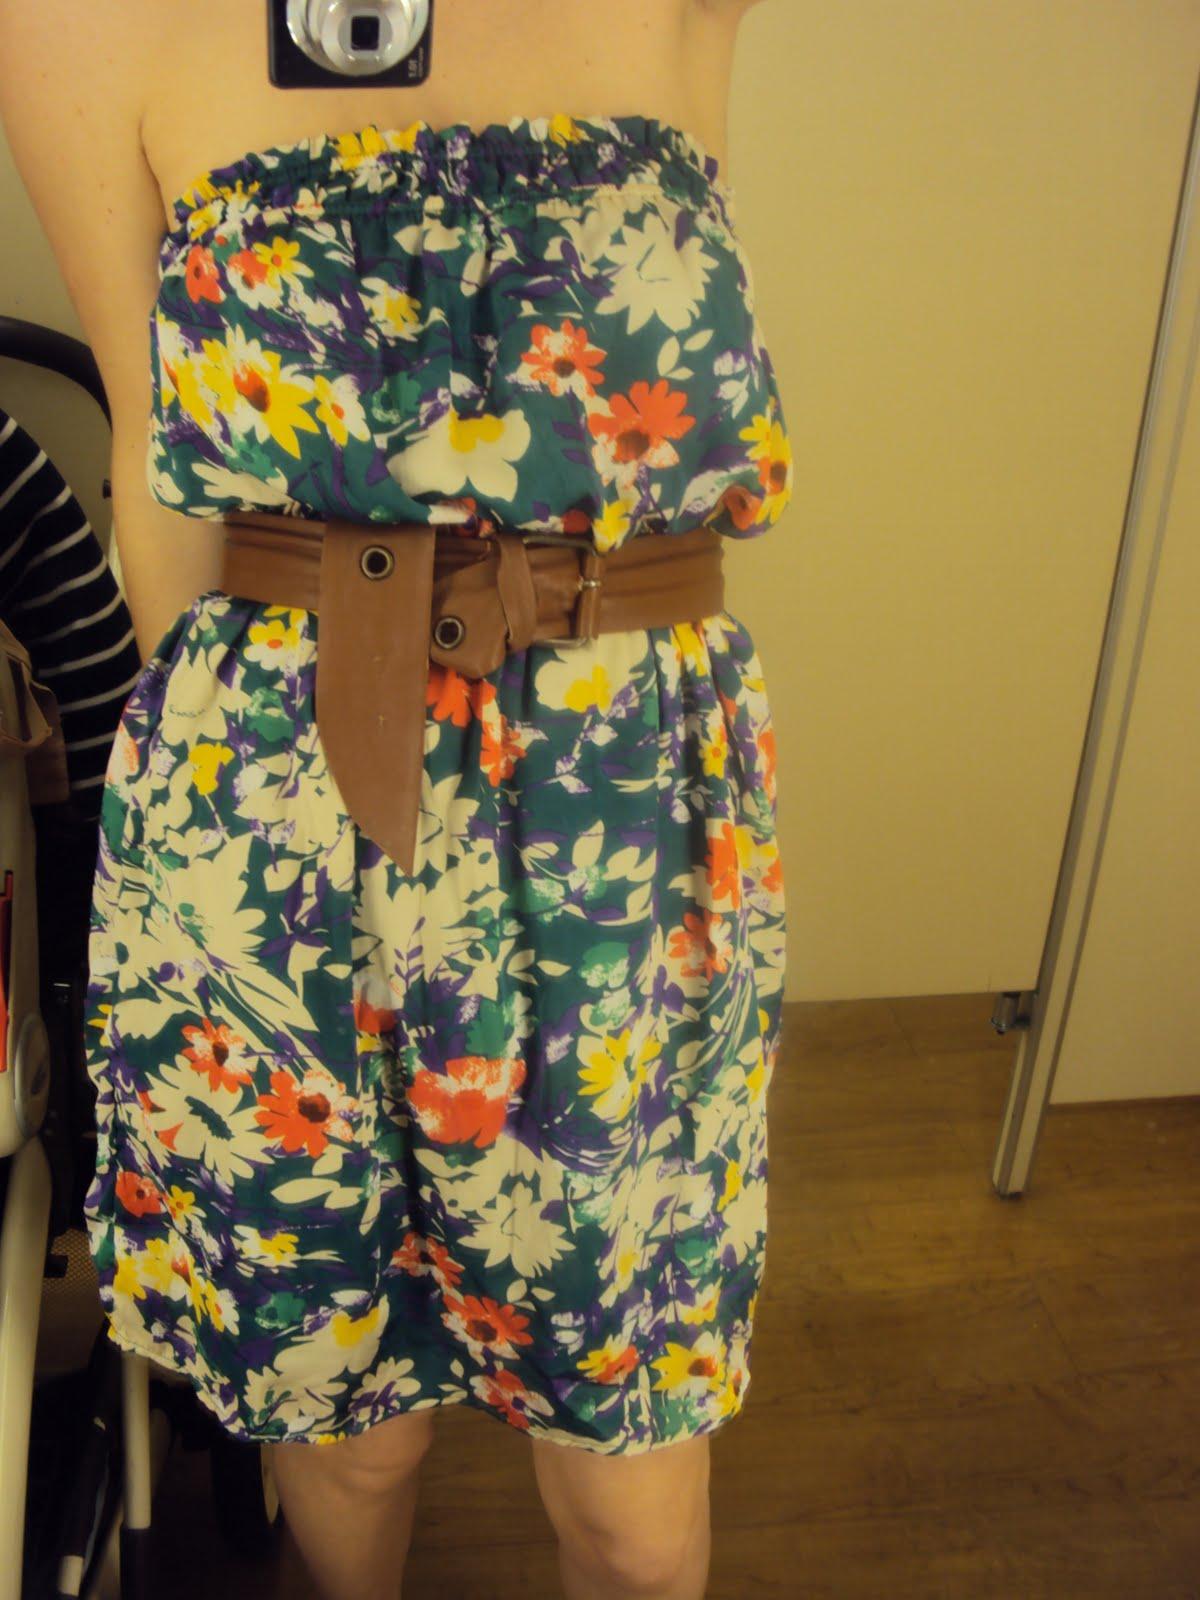 http://1.bp.blogspot.com/_-8B9F1h0Yl0/S8daQgZZmQI/AAAAAAAAAXU/MelYFygUZsM/s1600/Picture+014.jpg